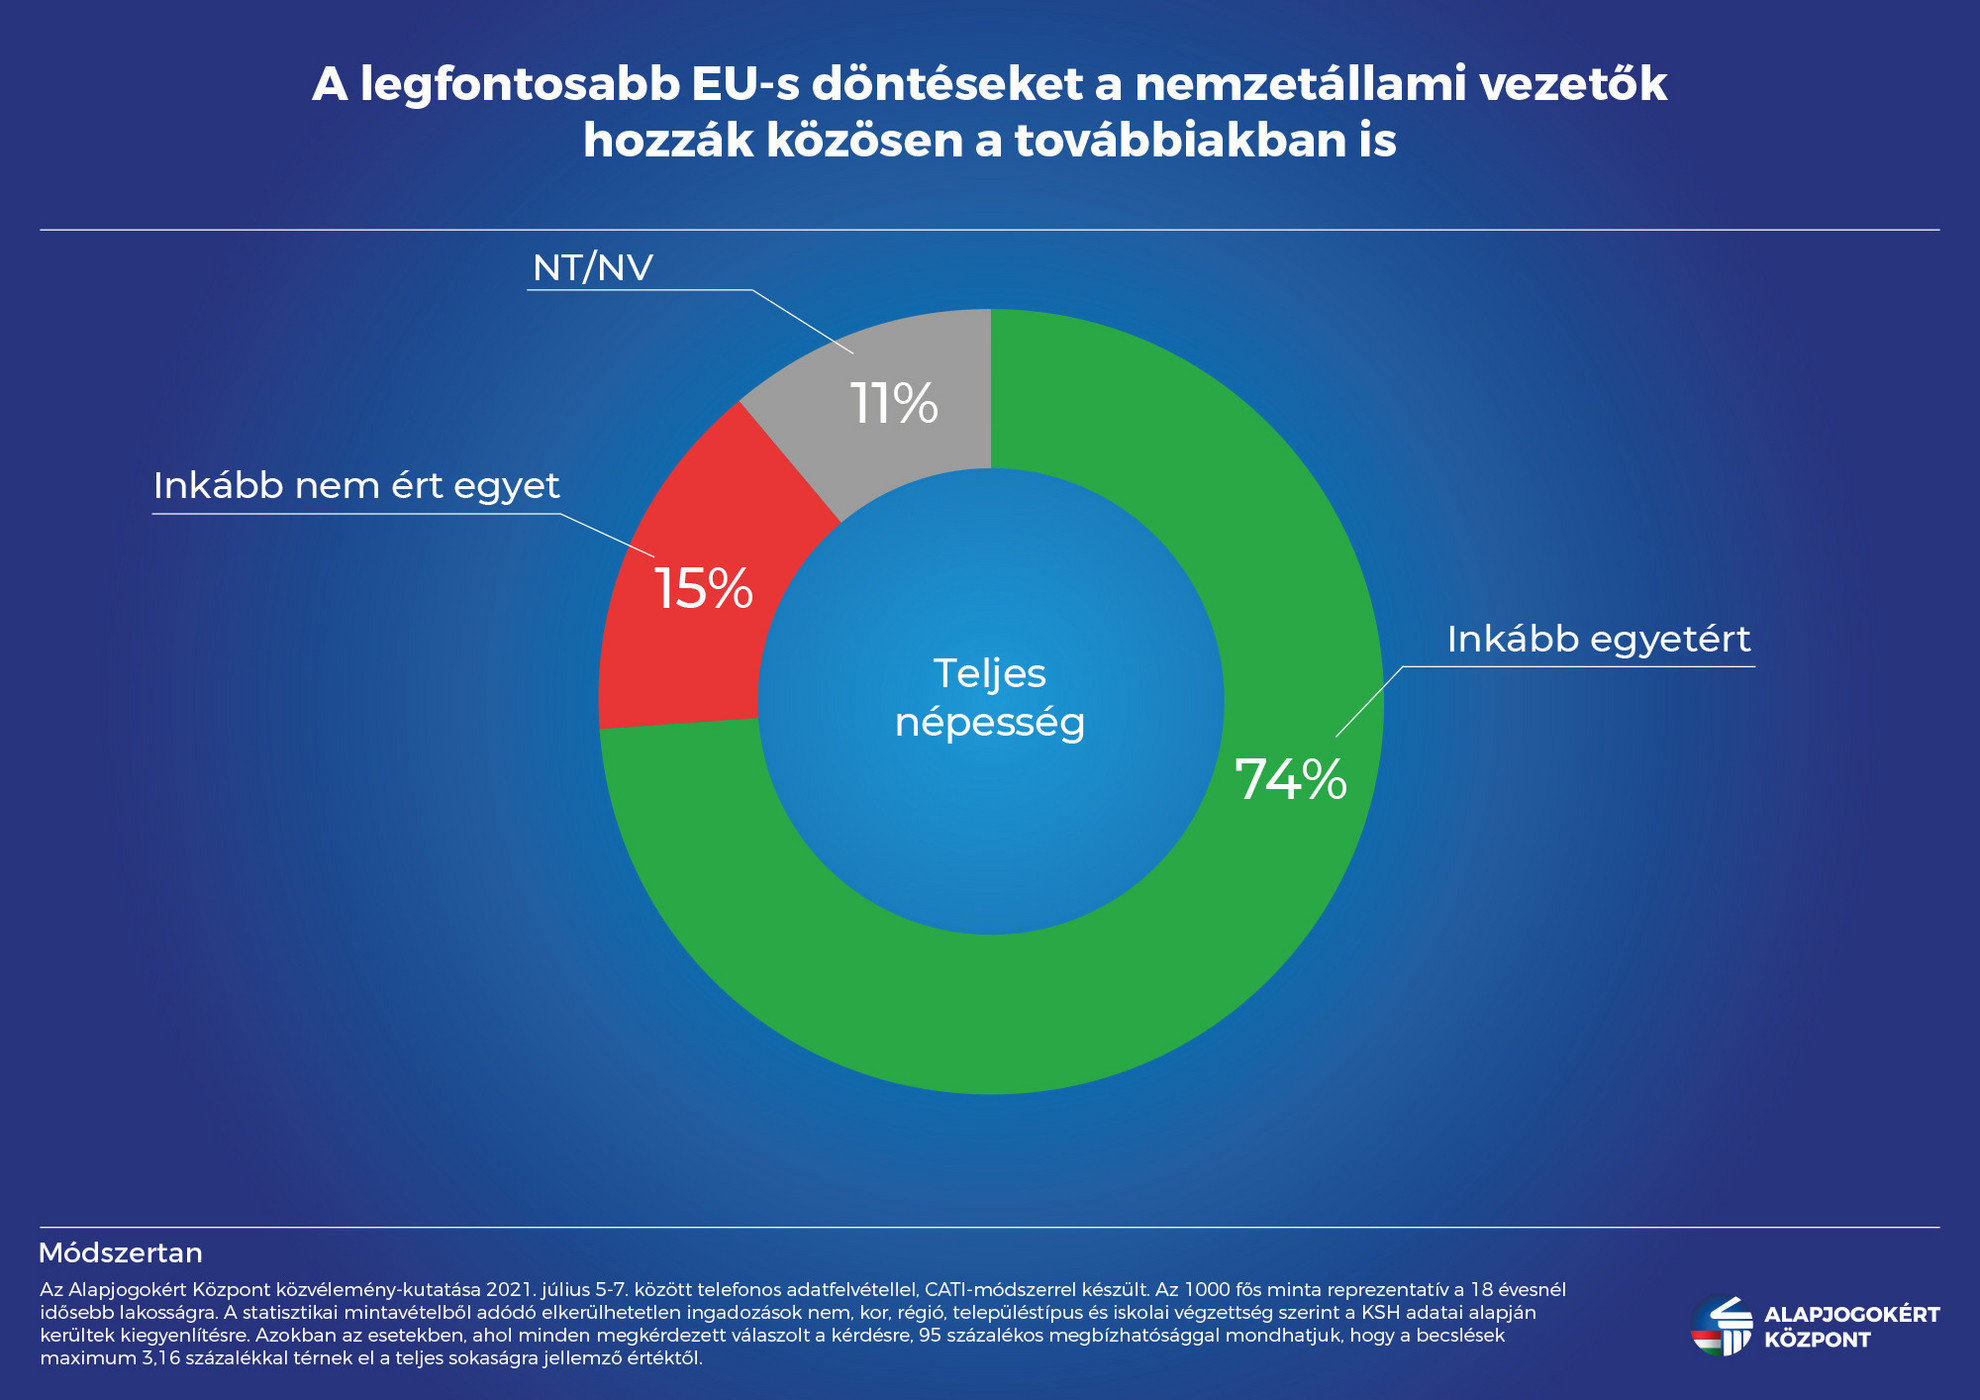 A legfontosabb uniós döntéseket a nemzetállami vezetők hozzák meg közösen a továbbiakban is